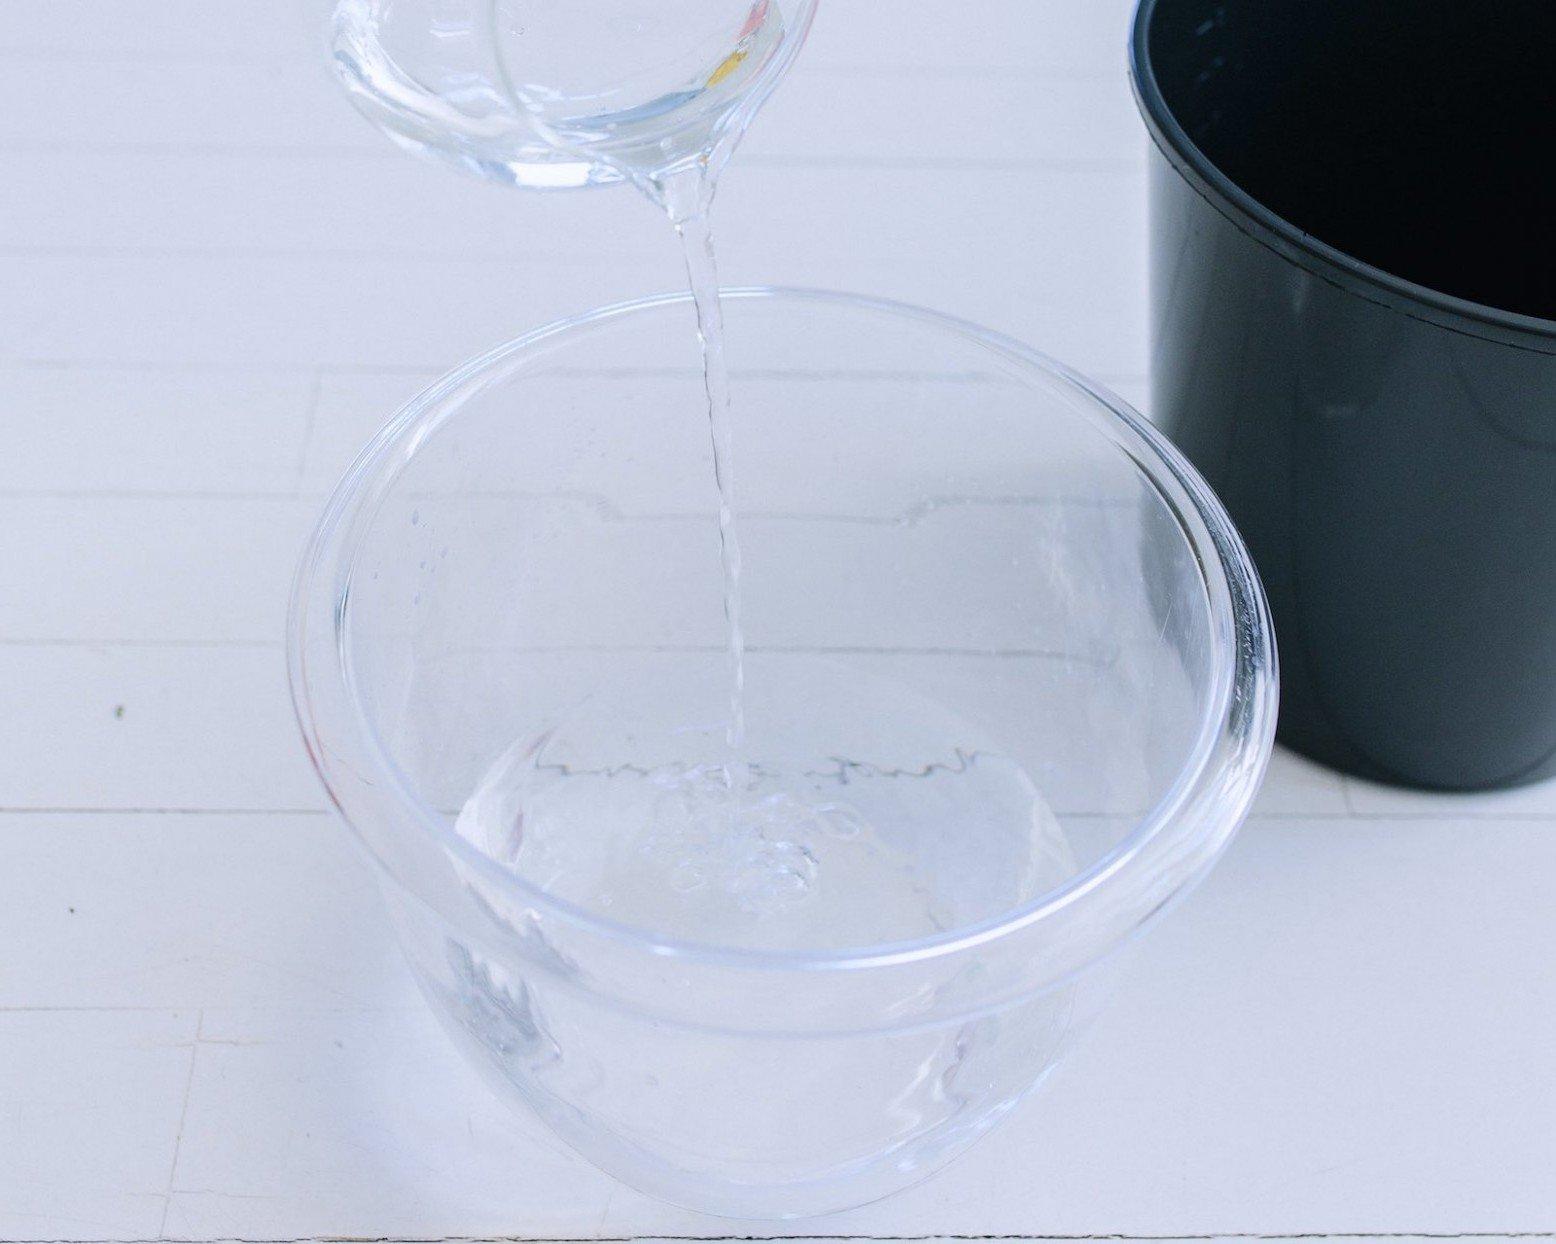 Eiskübel für eine Flasche Wein mit Beeren und Blumen und Eiswürfel selber machen